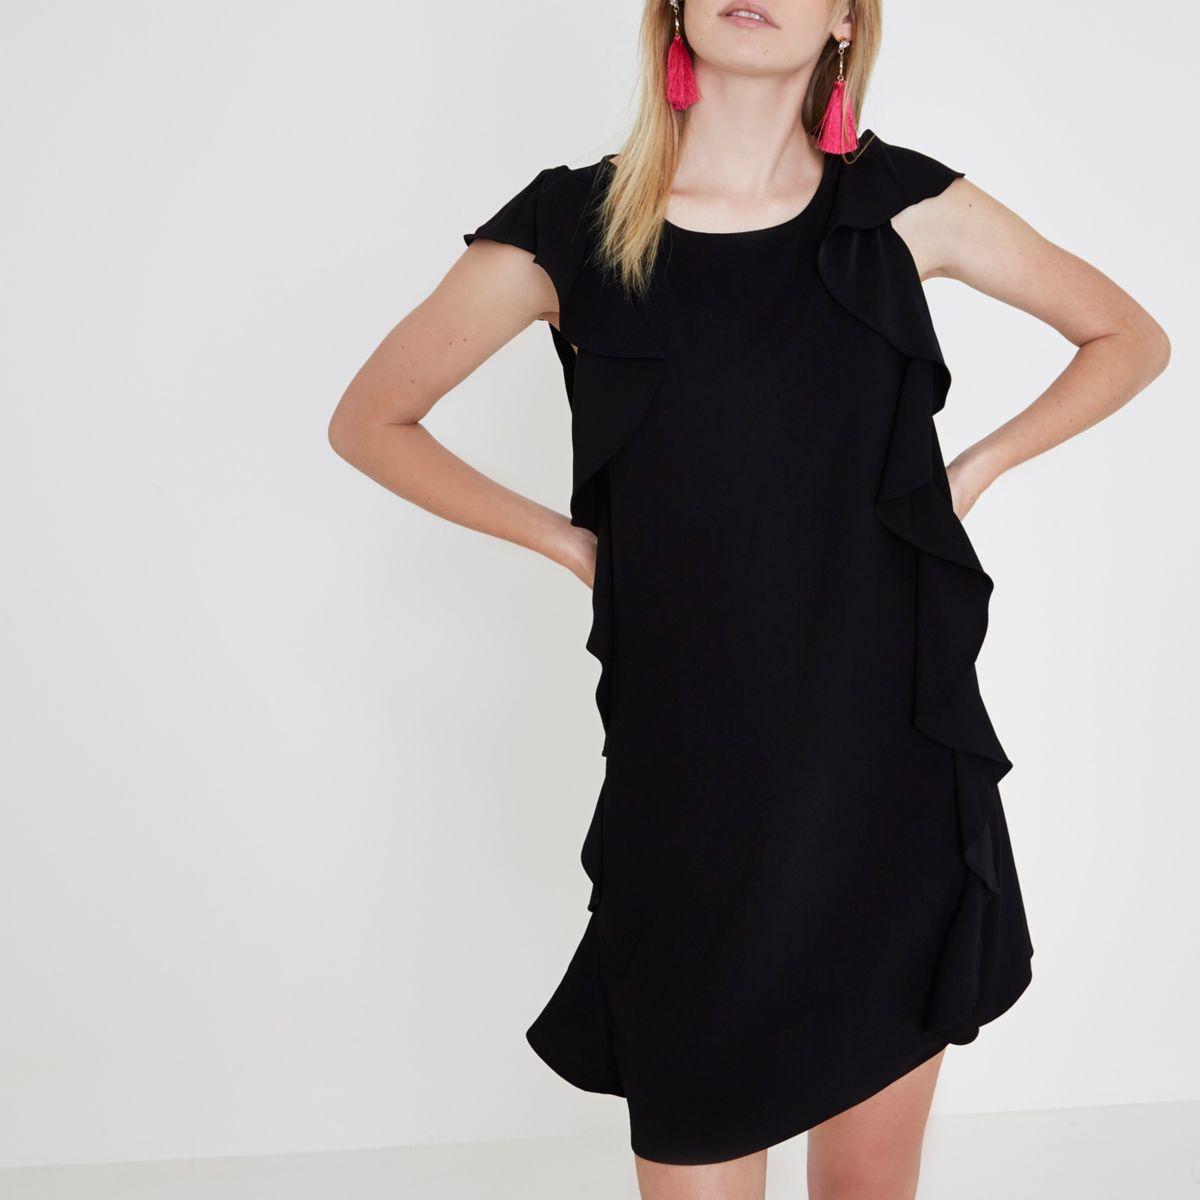 Schwarzes, ärmelloses Swing-Kleid mit Rüschen